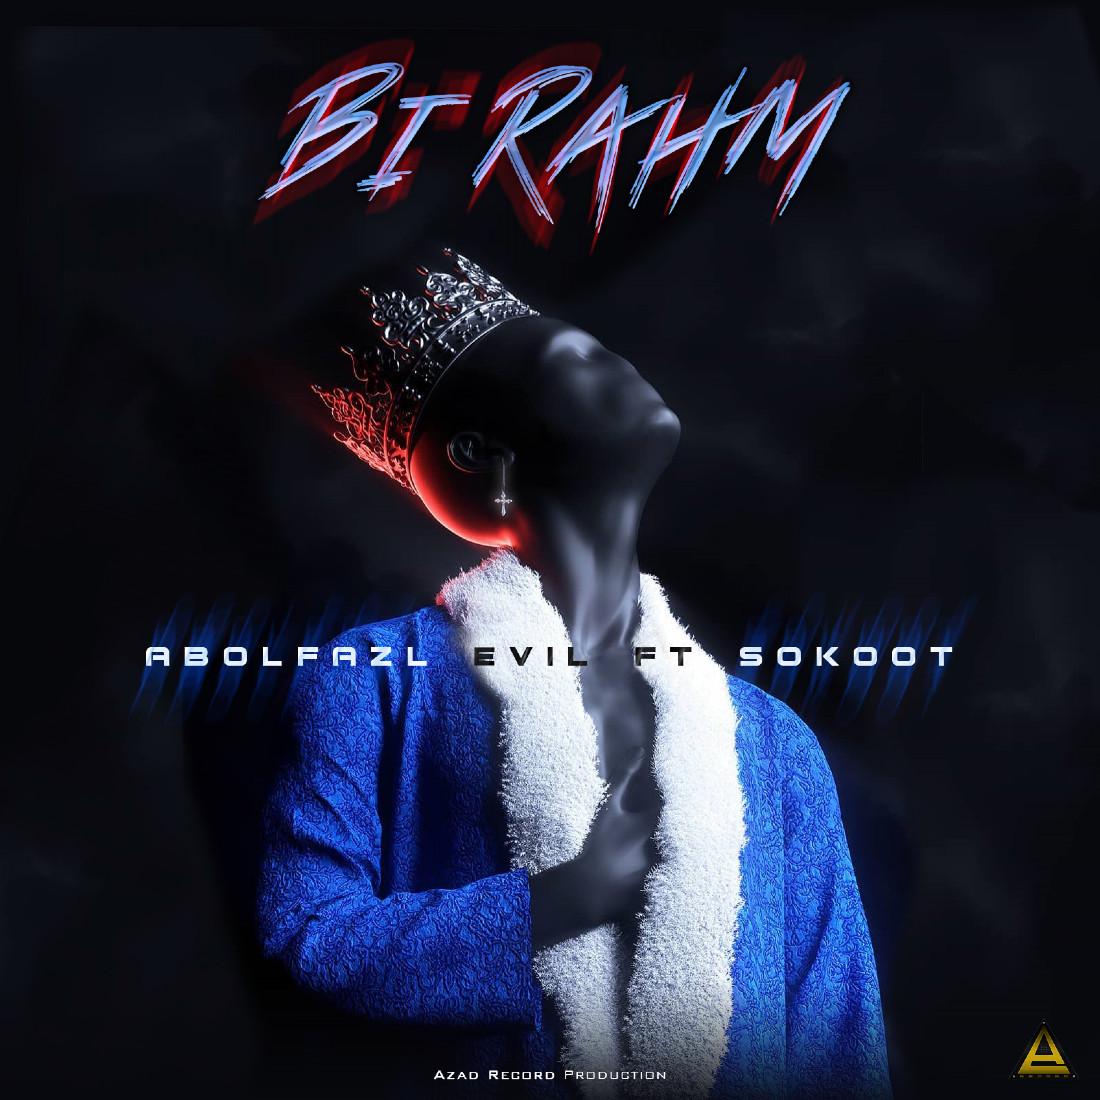 Evil Ft Sokoot - Bi Rahm